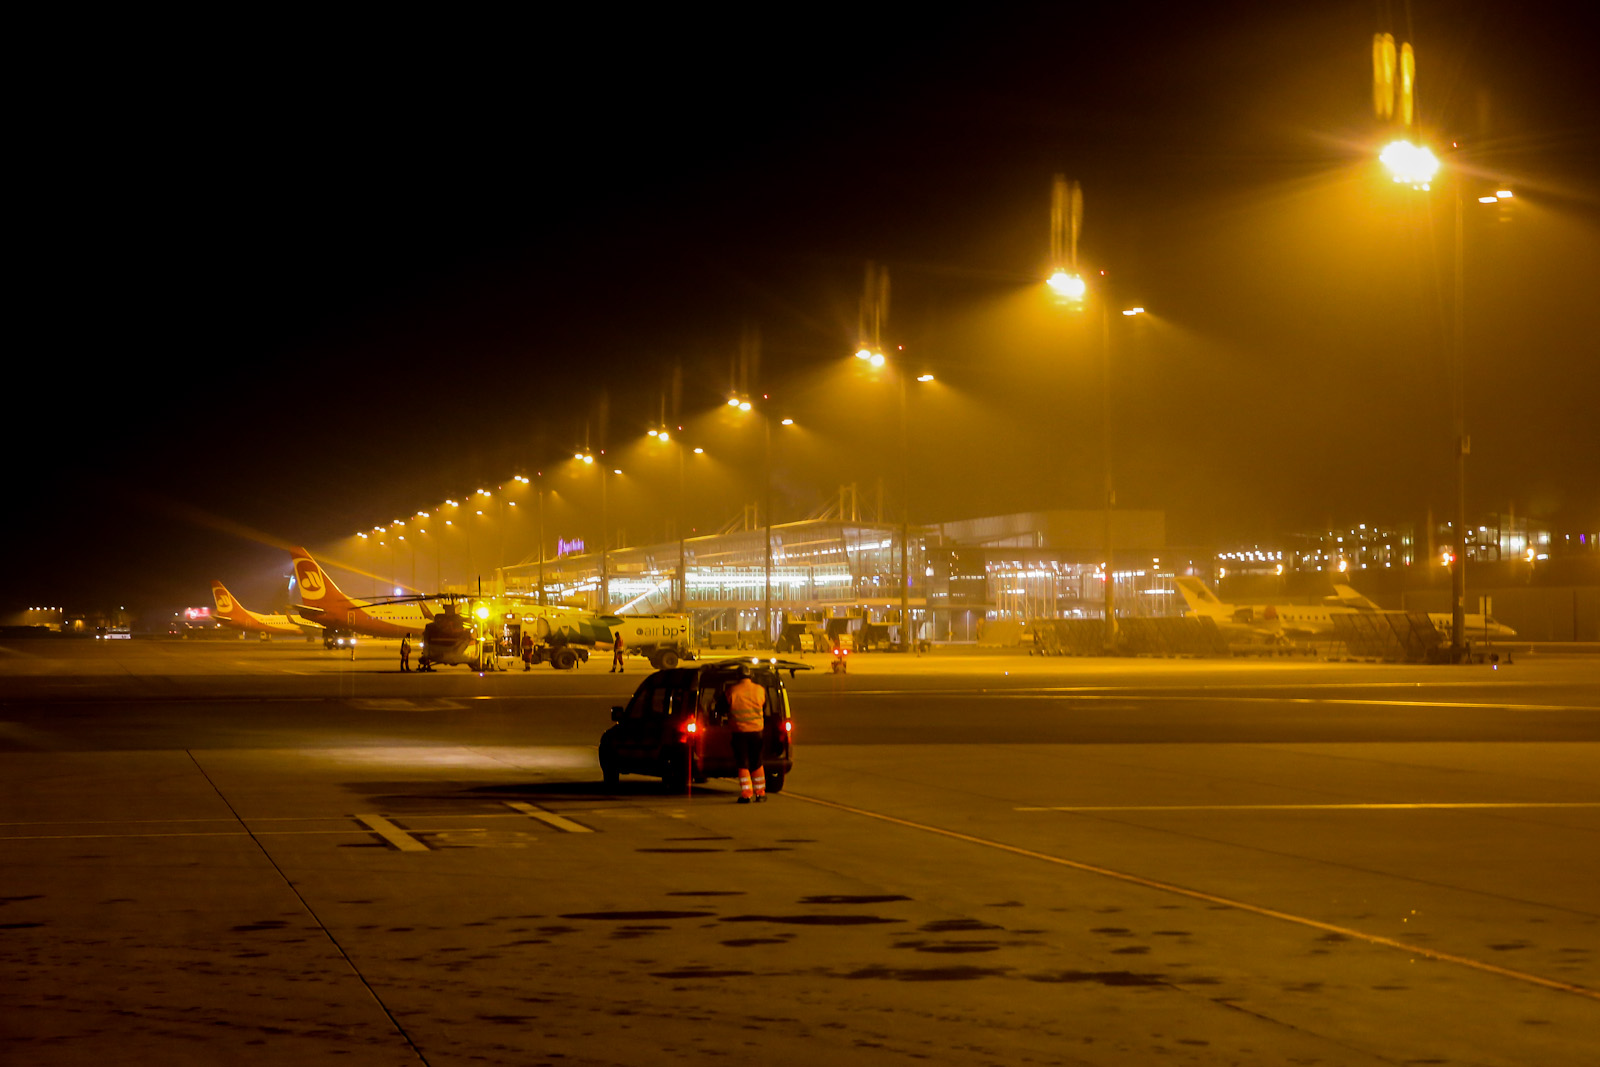 Пассажирский терминал аэропорта Нюрнберг ночью